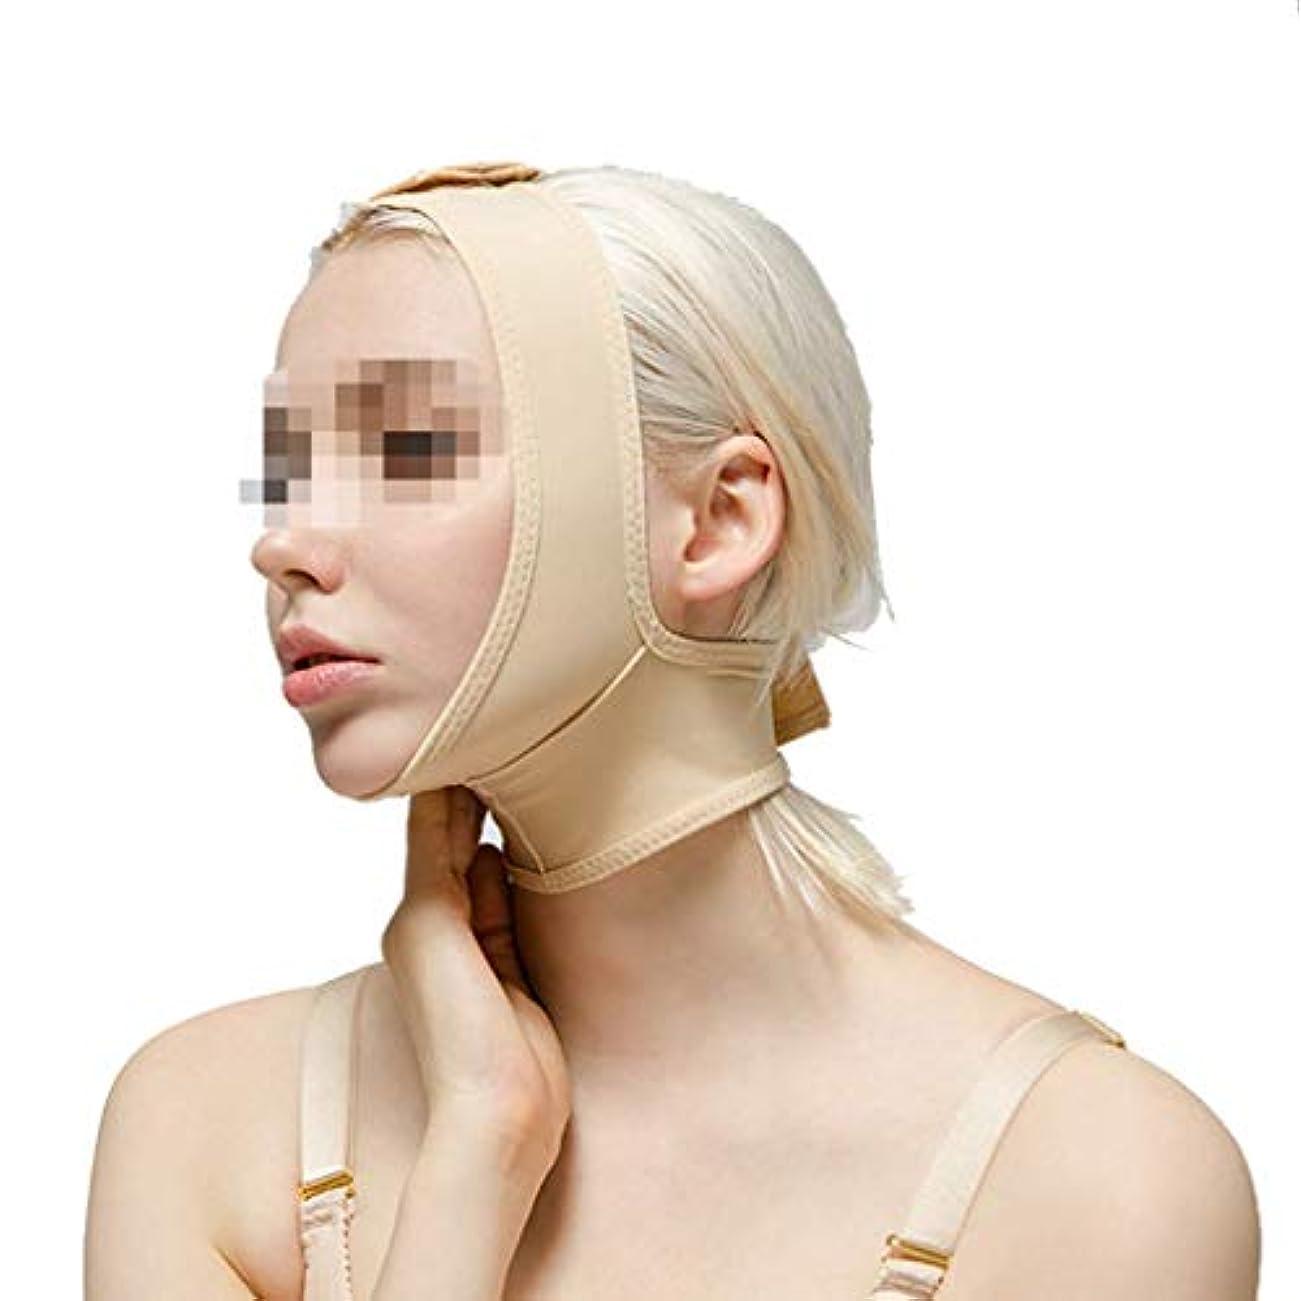 フィッティング撤退花束術後伸縮性スリーブ、下顎束フェイスバンデージフェイシャルビームダブルチンシンフェイスマスクマルチサイズオプション(サイズ:L),XS